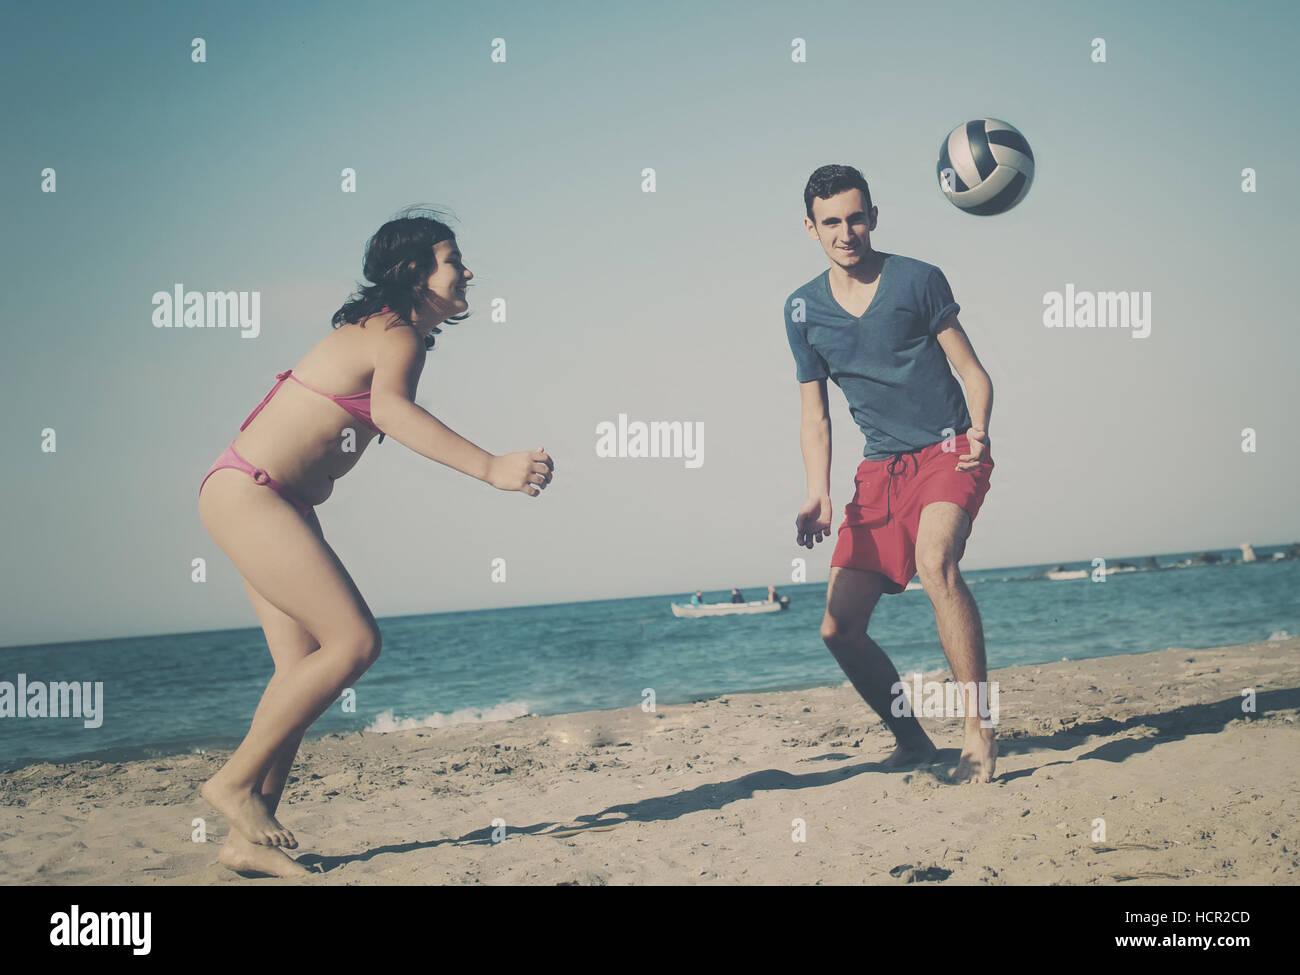 Par jugando voleibol en la playa Imagen De Stock